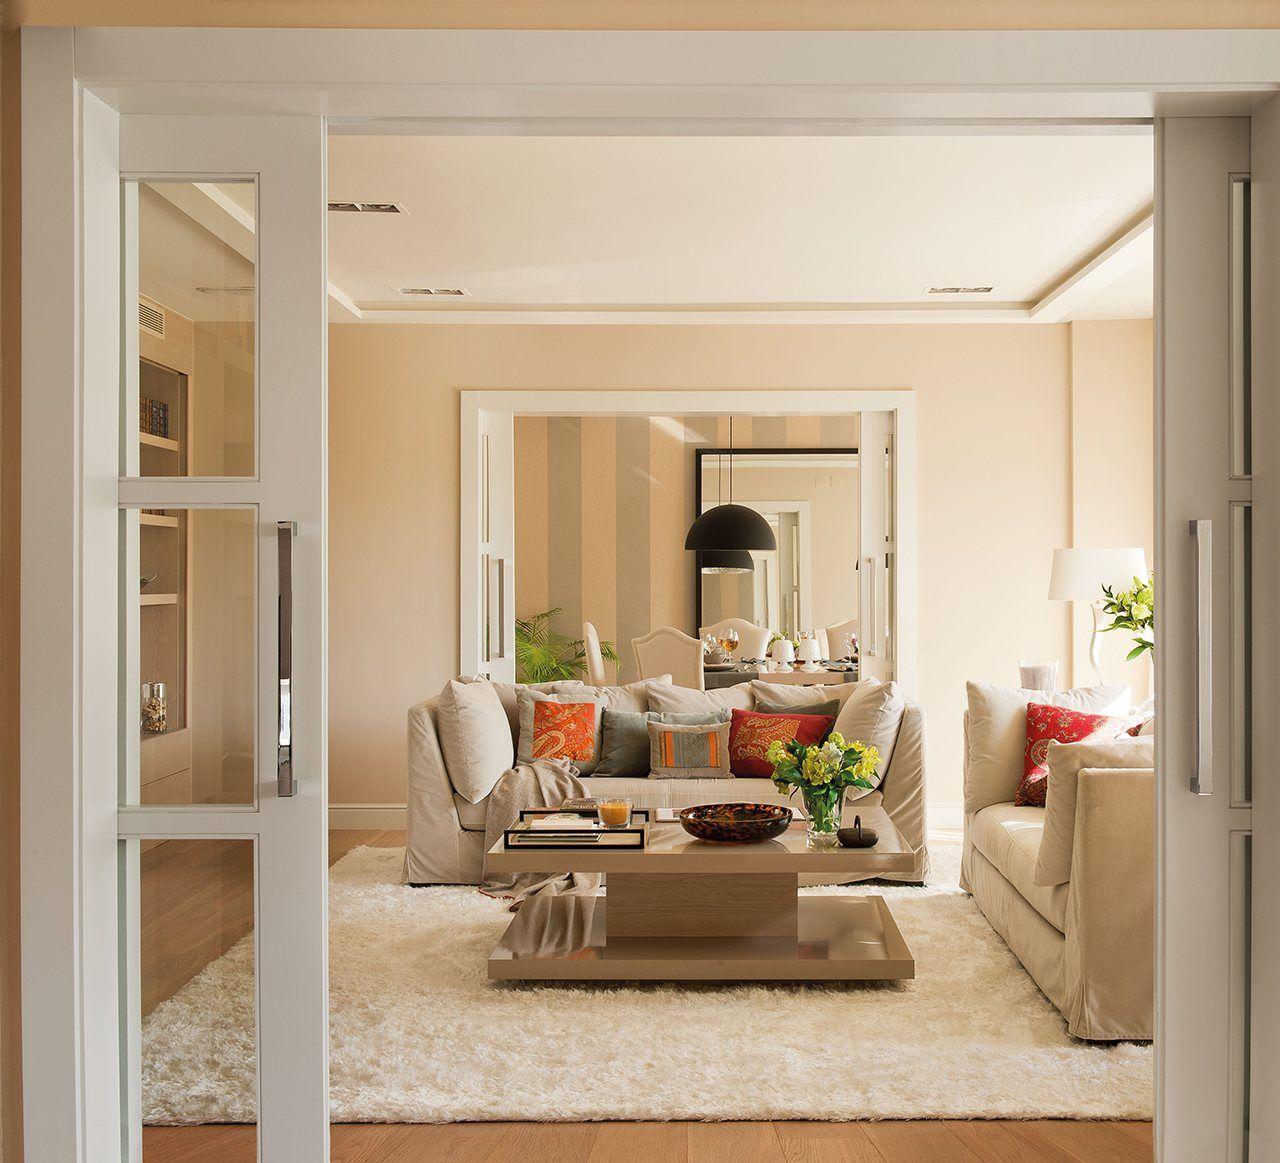 Una casa tranquila en medio de la ciudad | Decor : Ideas | Pinterest ...